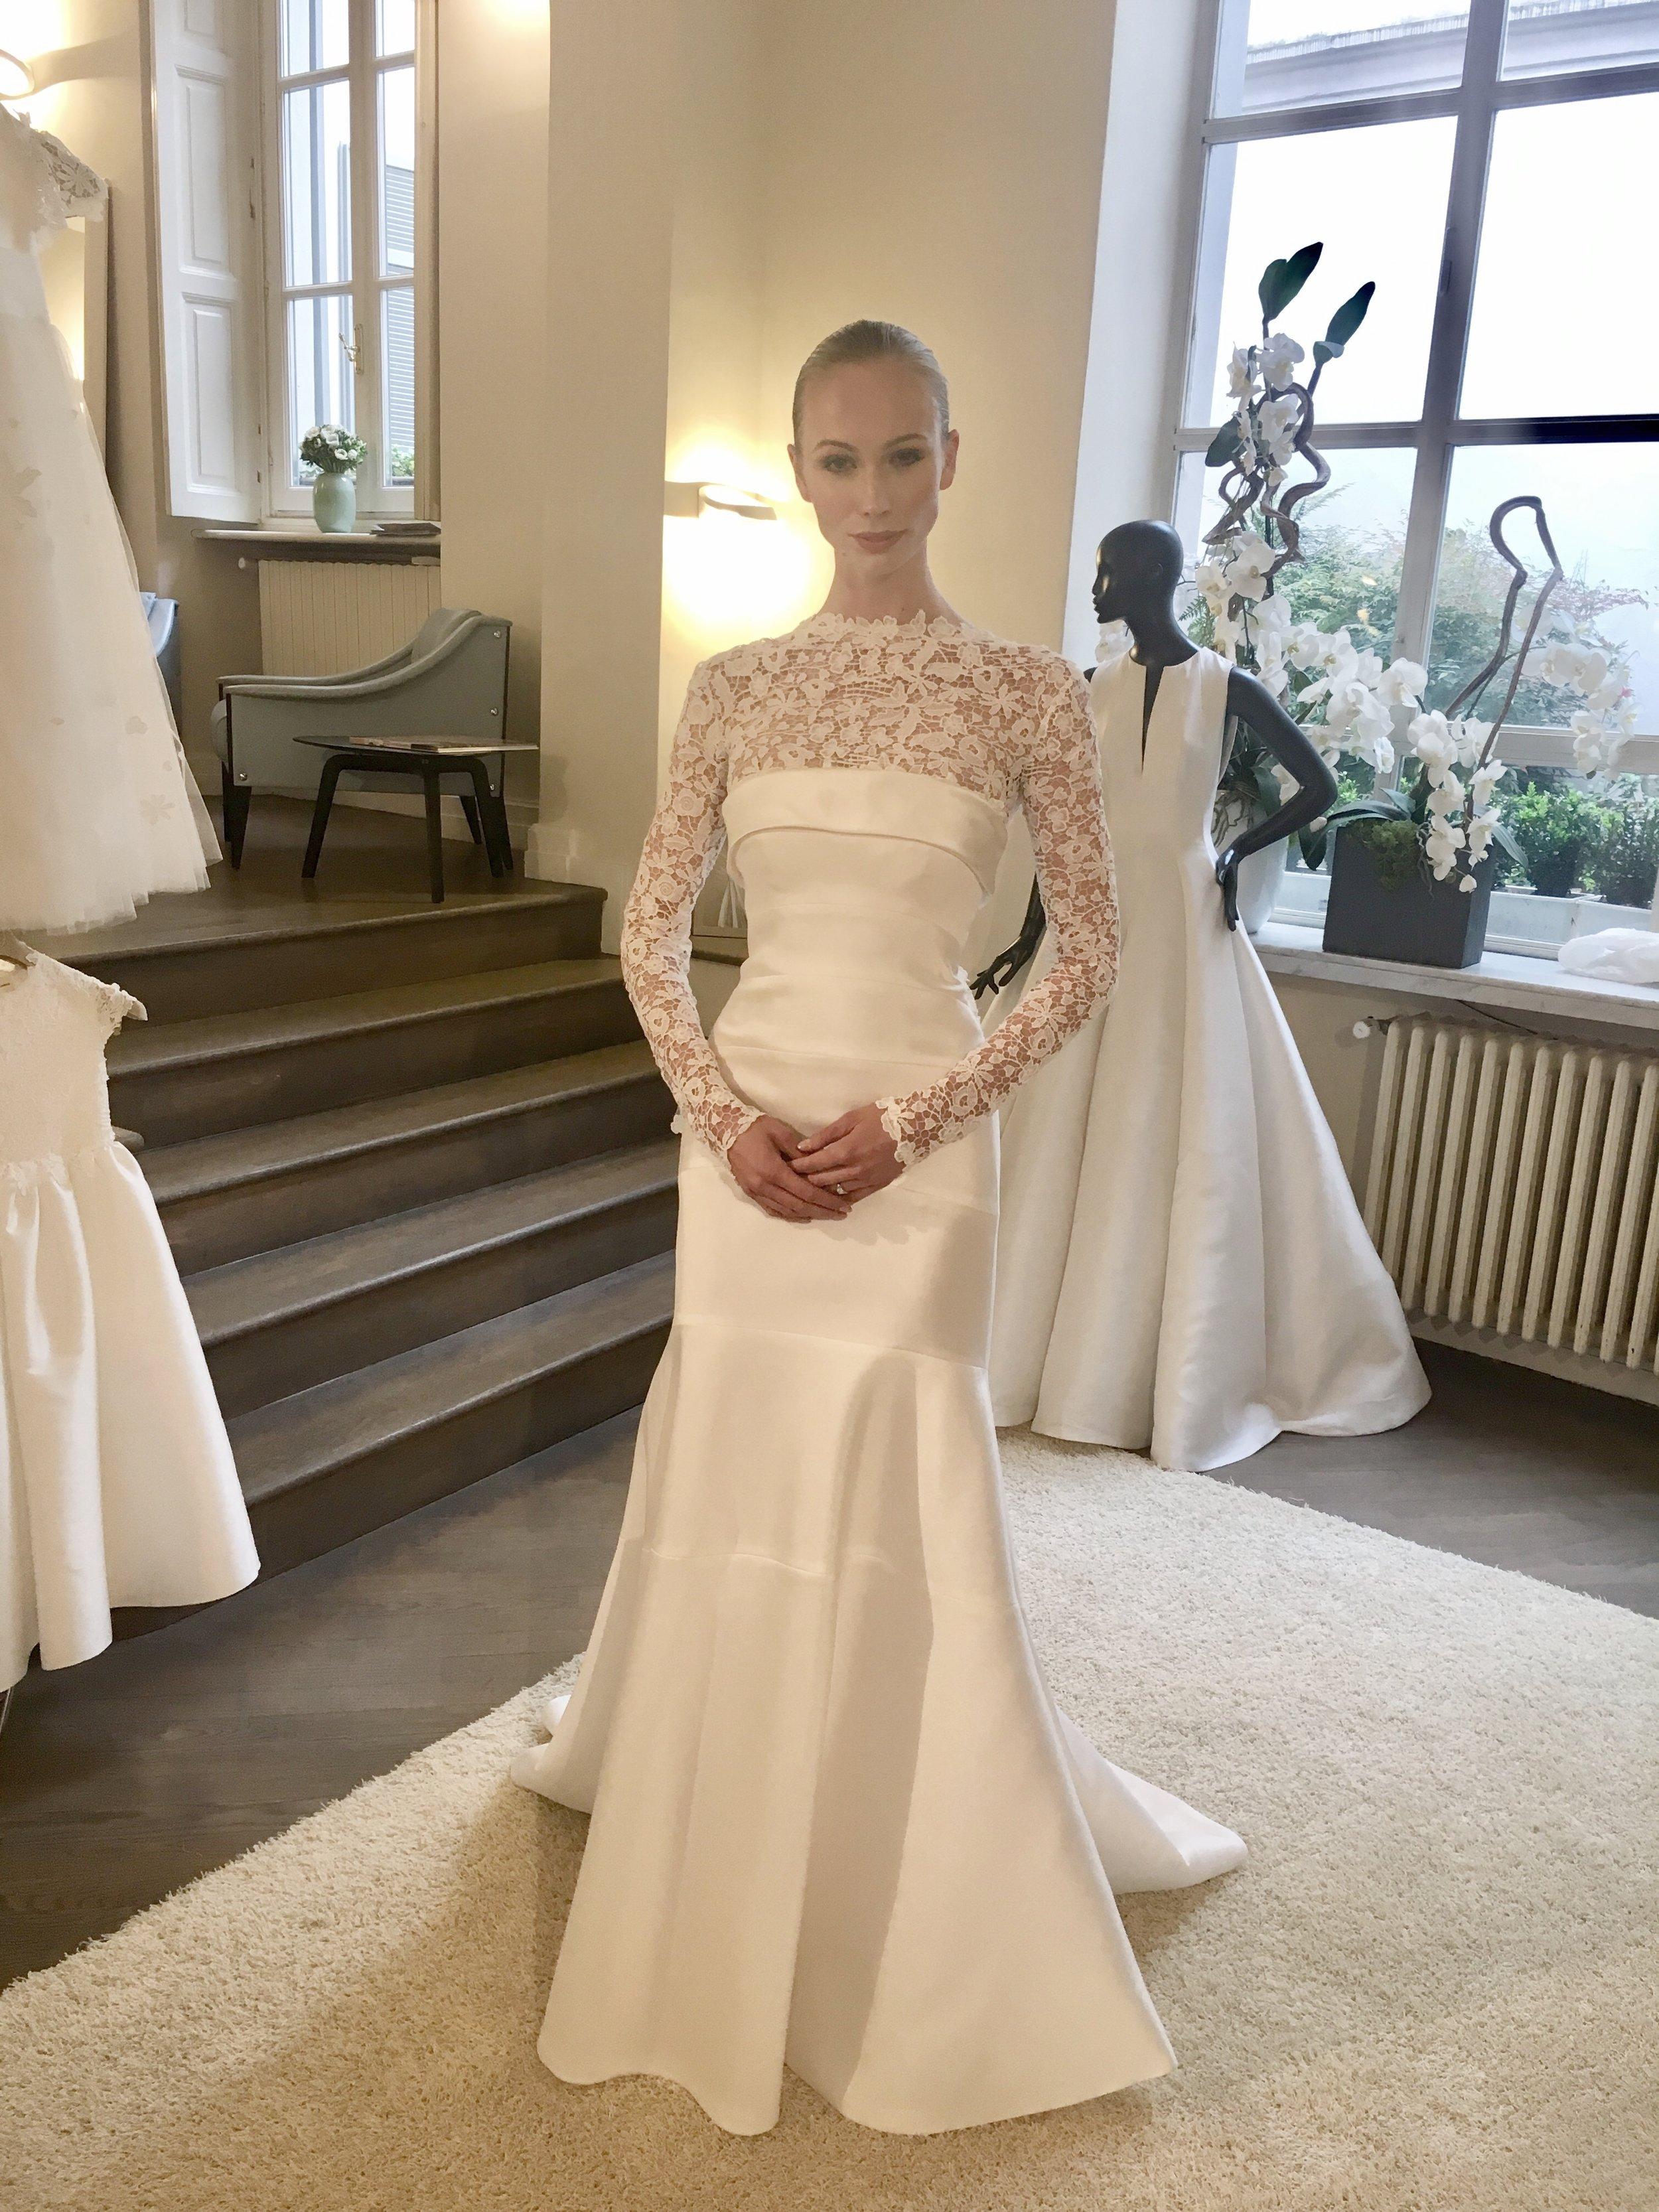 Durante mi visita: Este vestido strapless en seda magnolia, tiene como accesorio una capa removible en encaje con mangas largas.